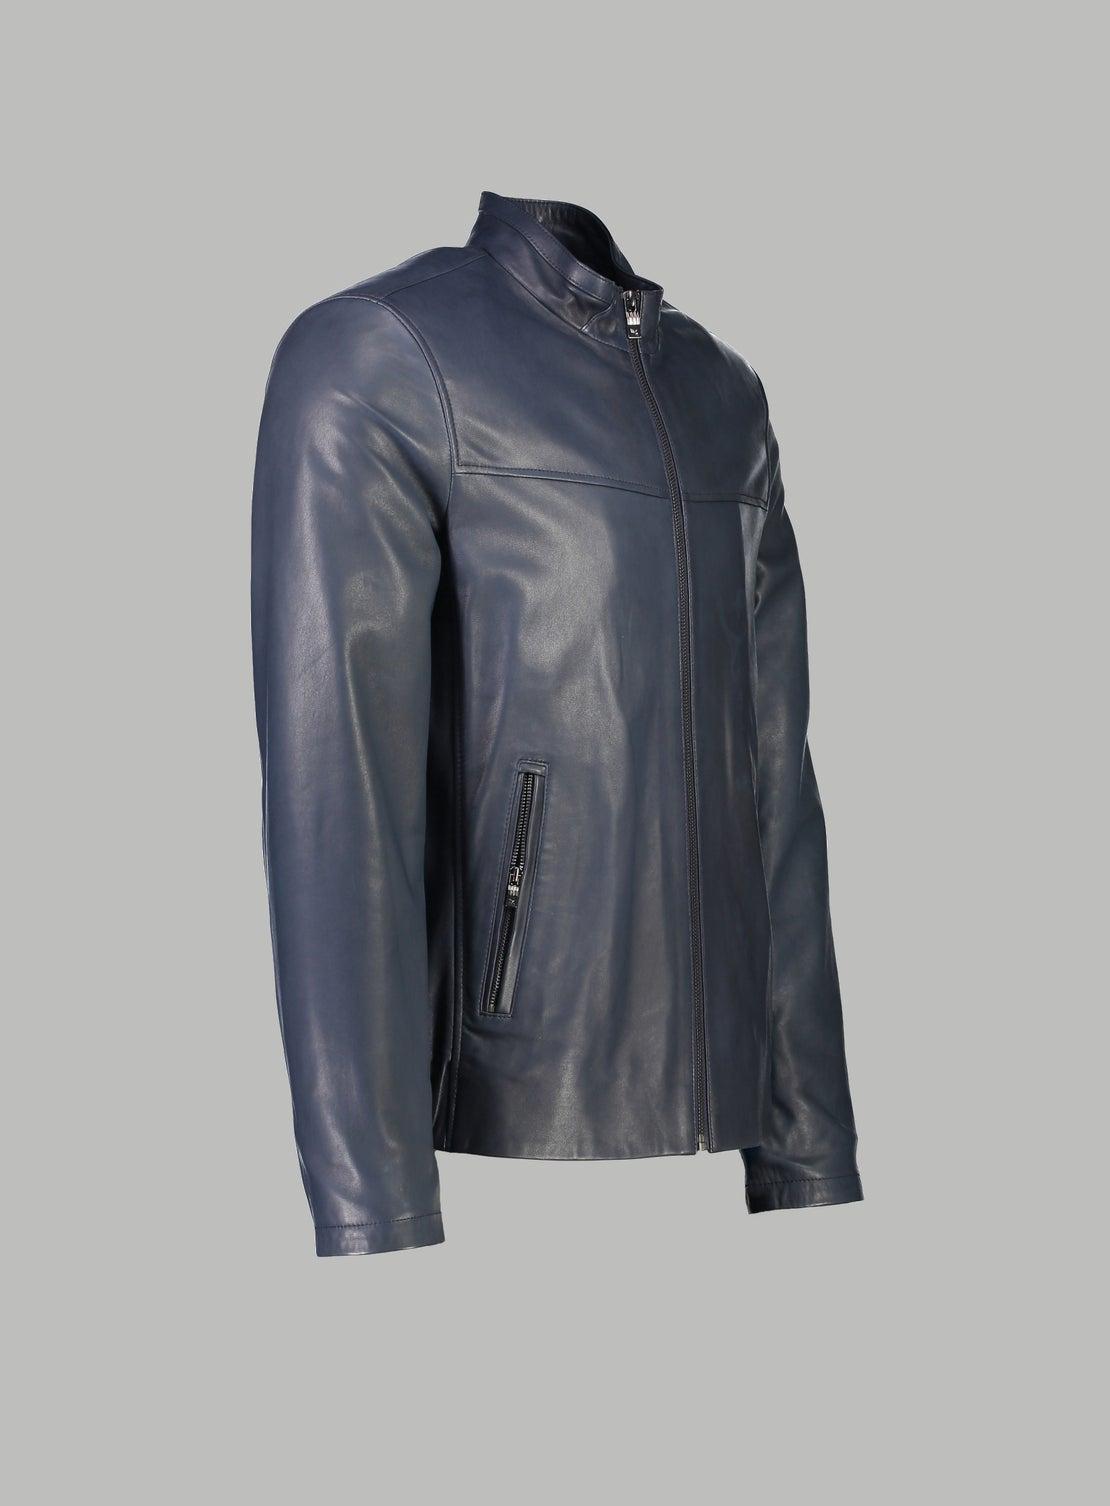 Leon Blue Leather Bomber Jacket